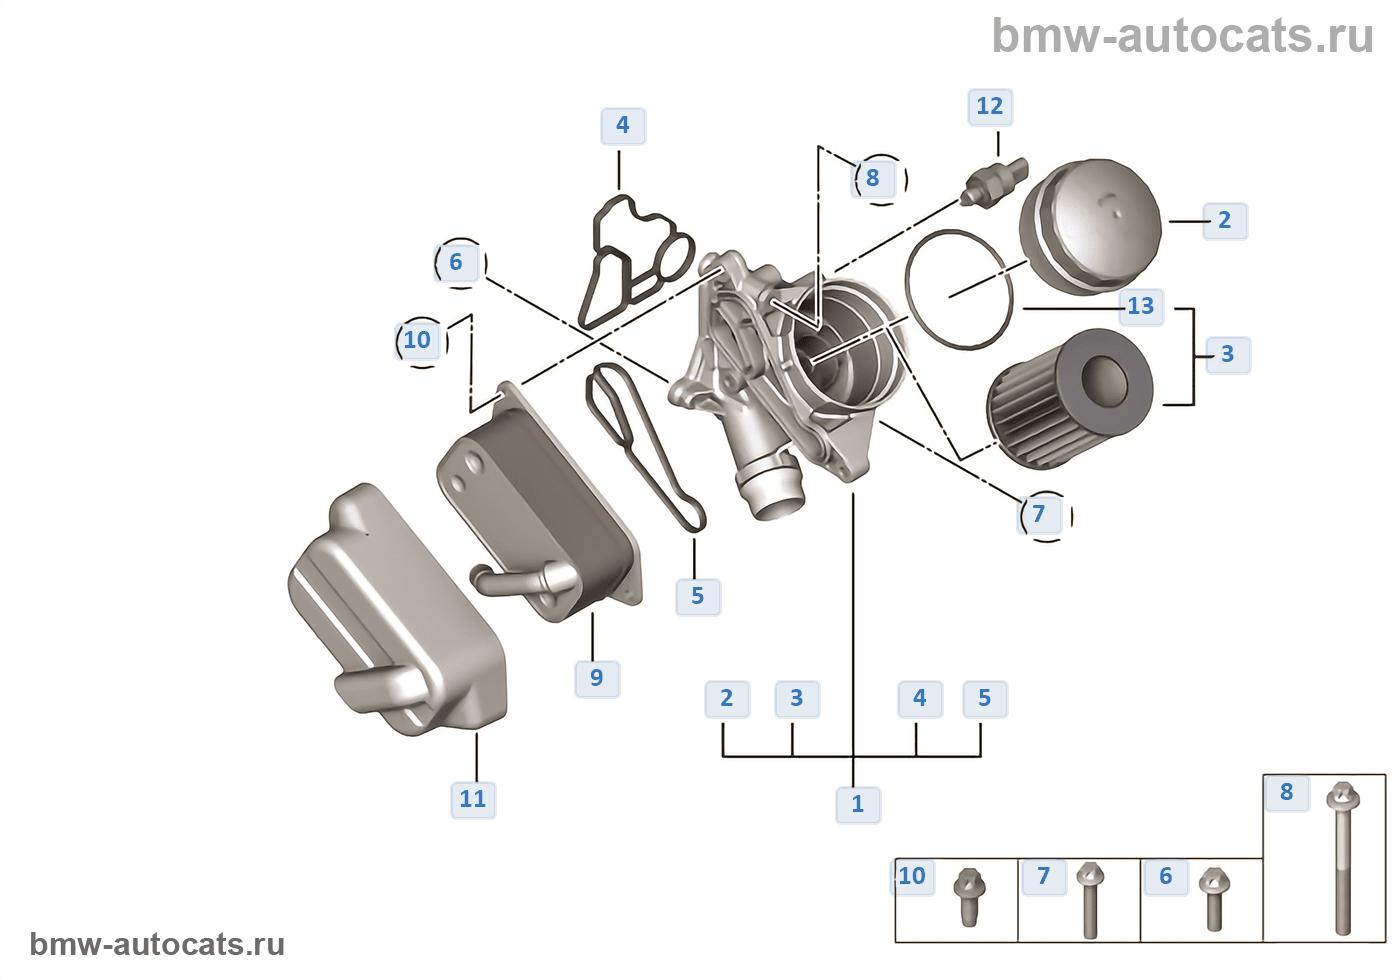 Для чего нужен теплообменник на масляном фильтре Пластинчатый теплообменник Thermowave thermolinePlus TL-650 Артём